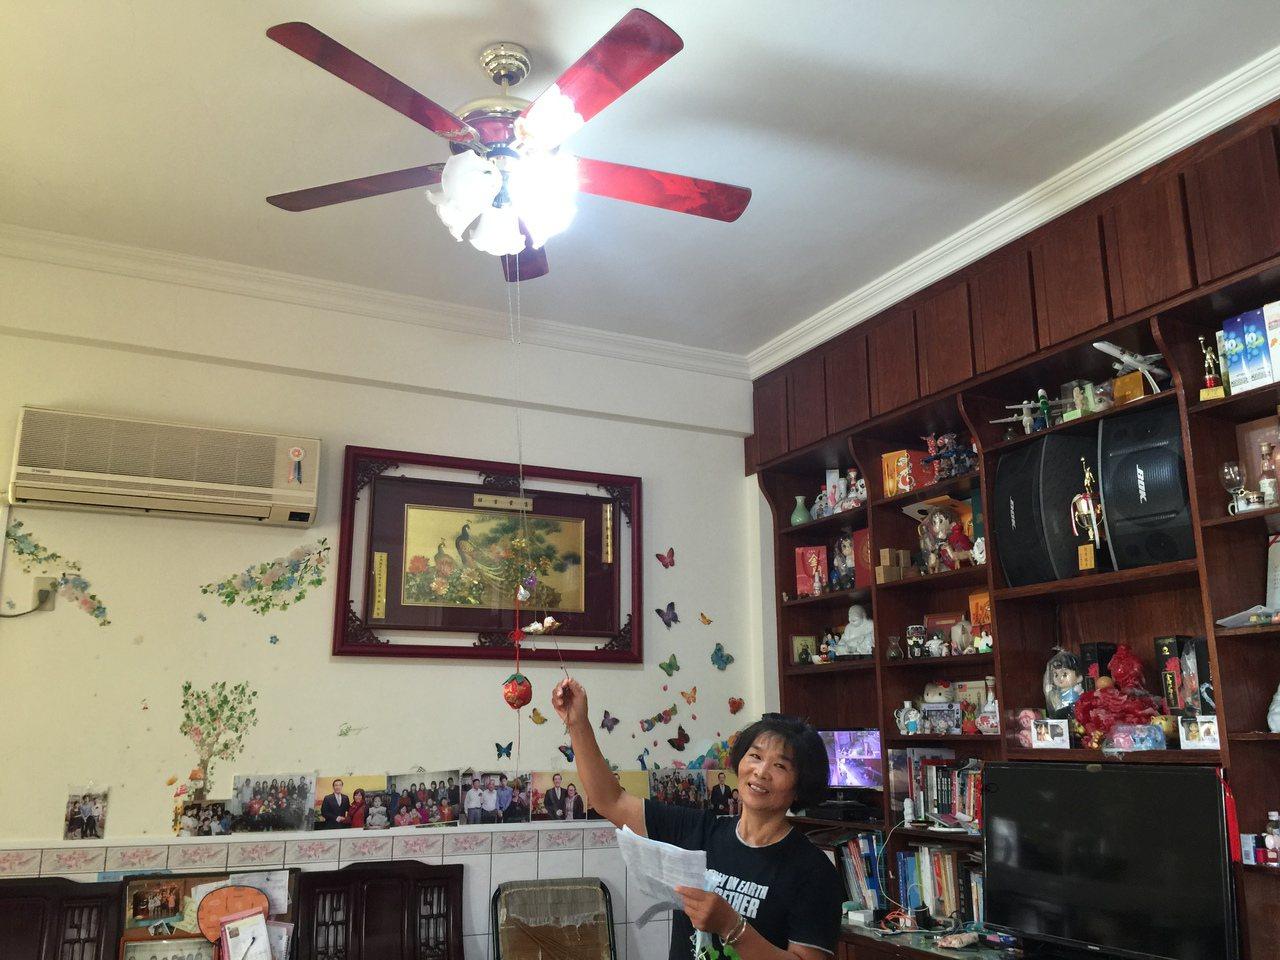 連2期家中的電費暴增,陳媽媽說,白天都快要不敢開燈了。記者蔡家蓁/攝影